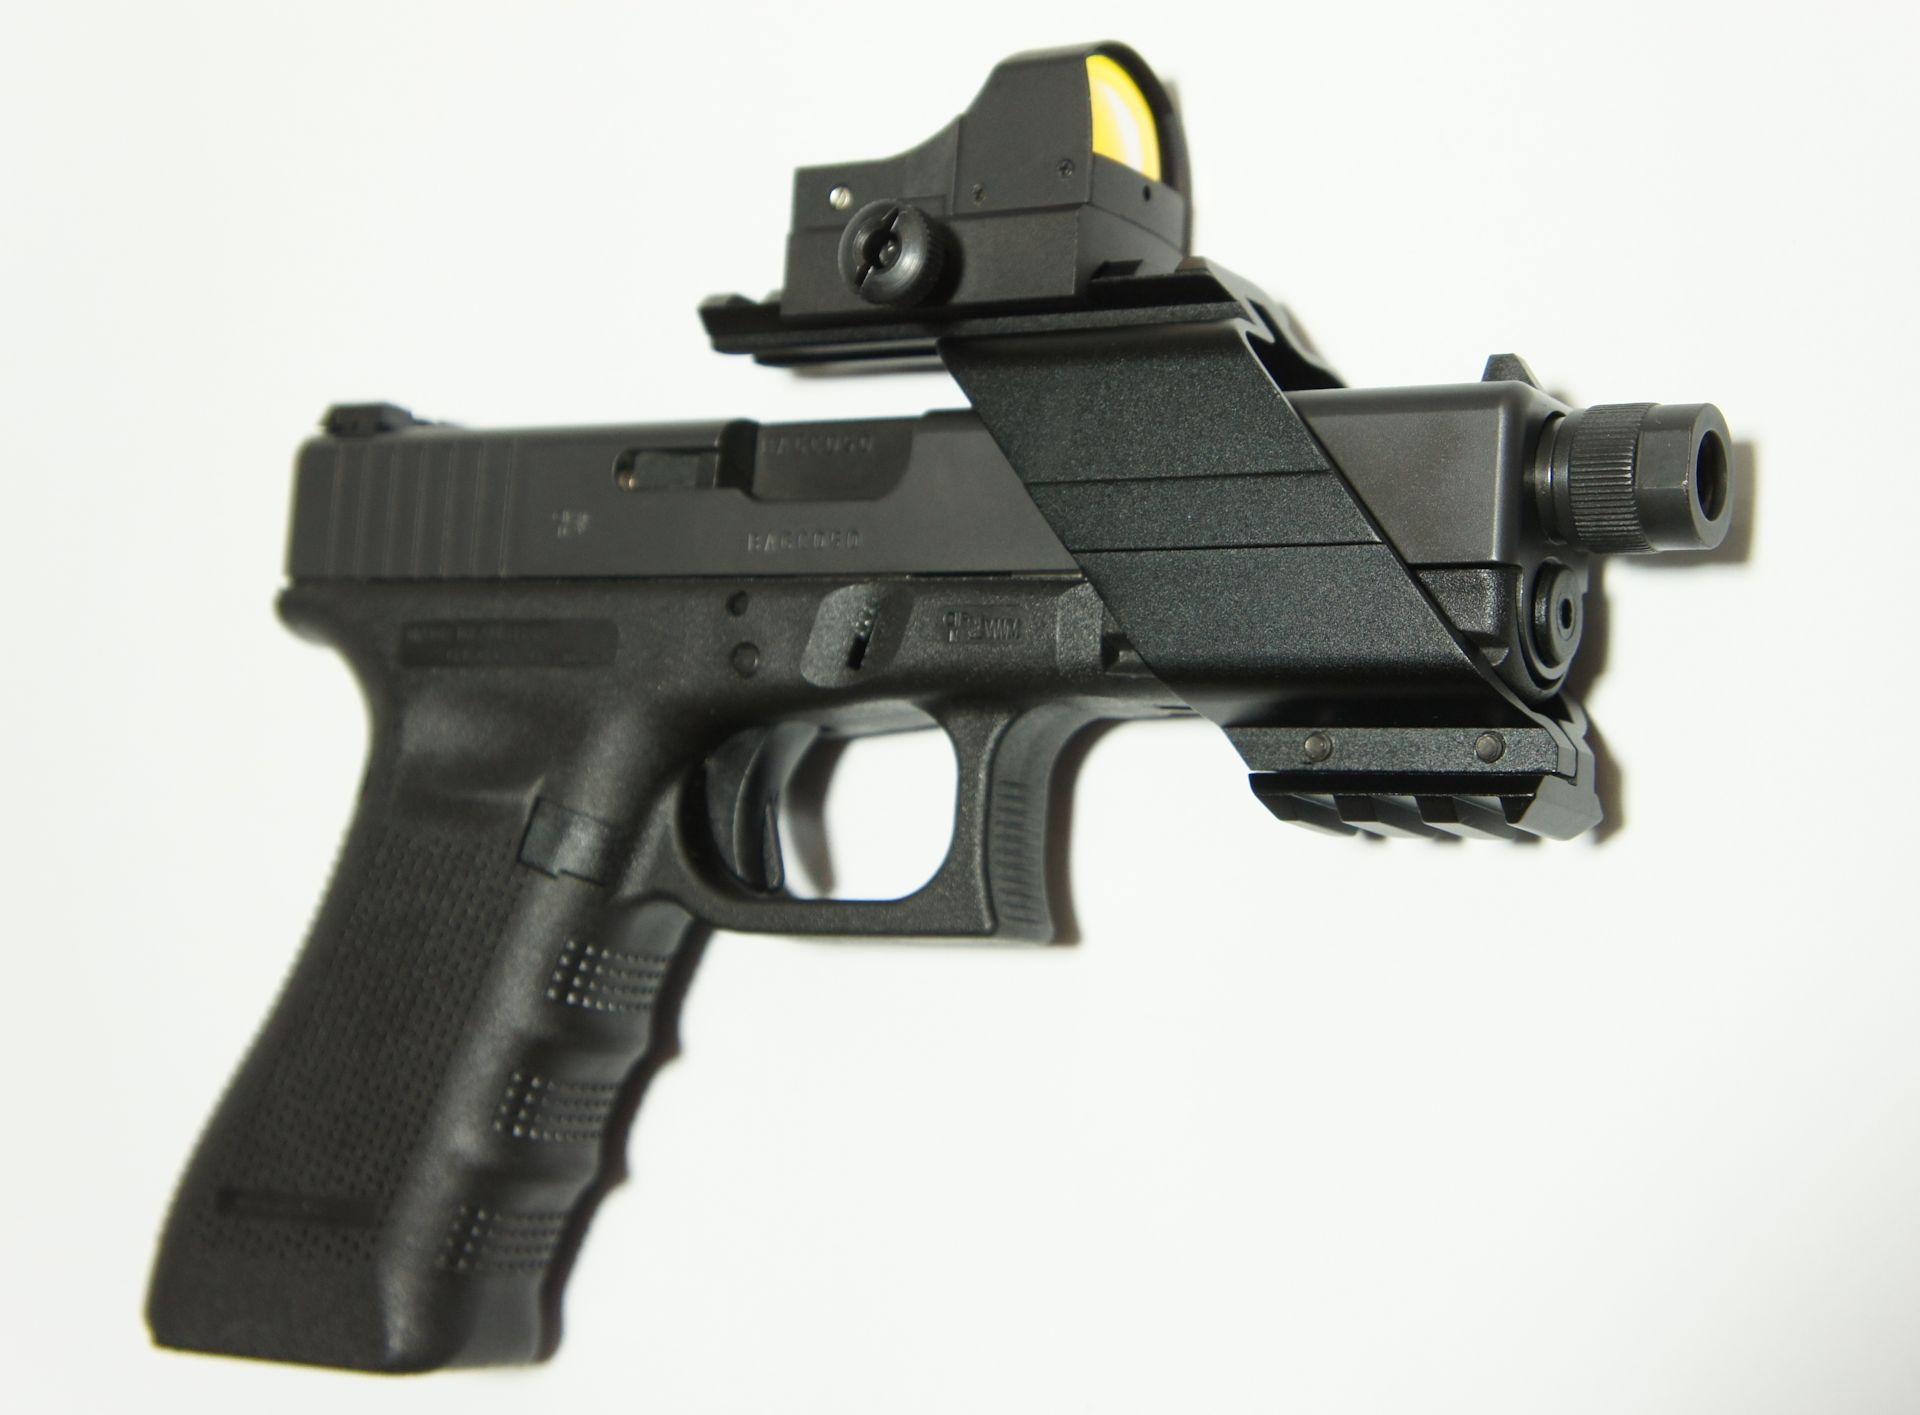 Auf meiner Glock 17 im Kaliber 9mm Luger macht mir diese Montge mit dem <a href=1130222-21.htm>kleinen Reflexvisier</a>richtig Freude.